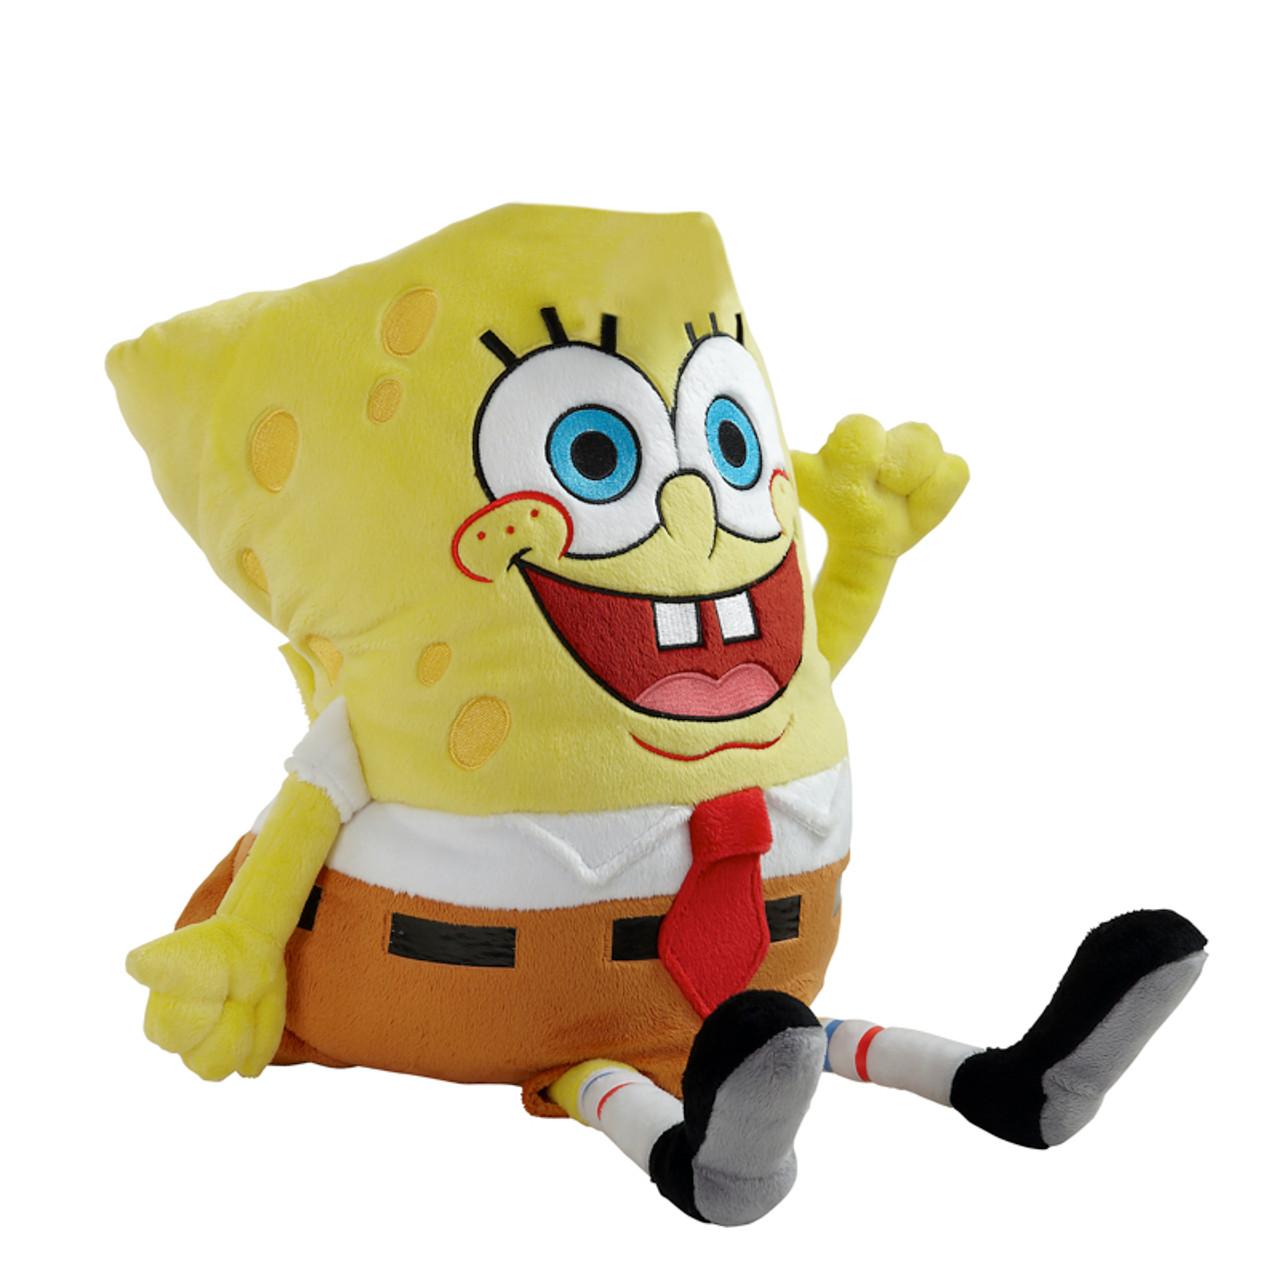 nickelodeon spongebob squarepants pillow pet